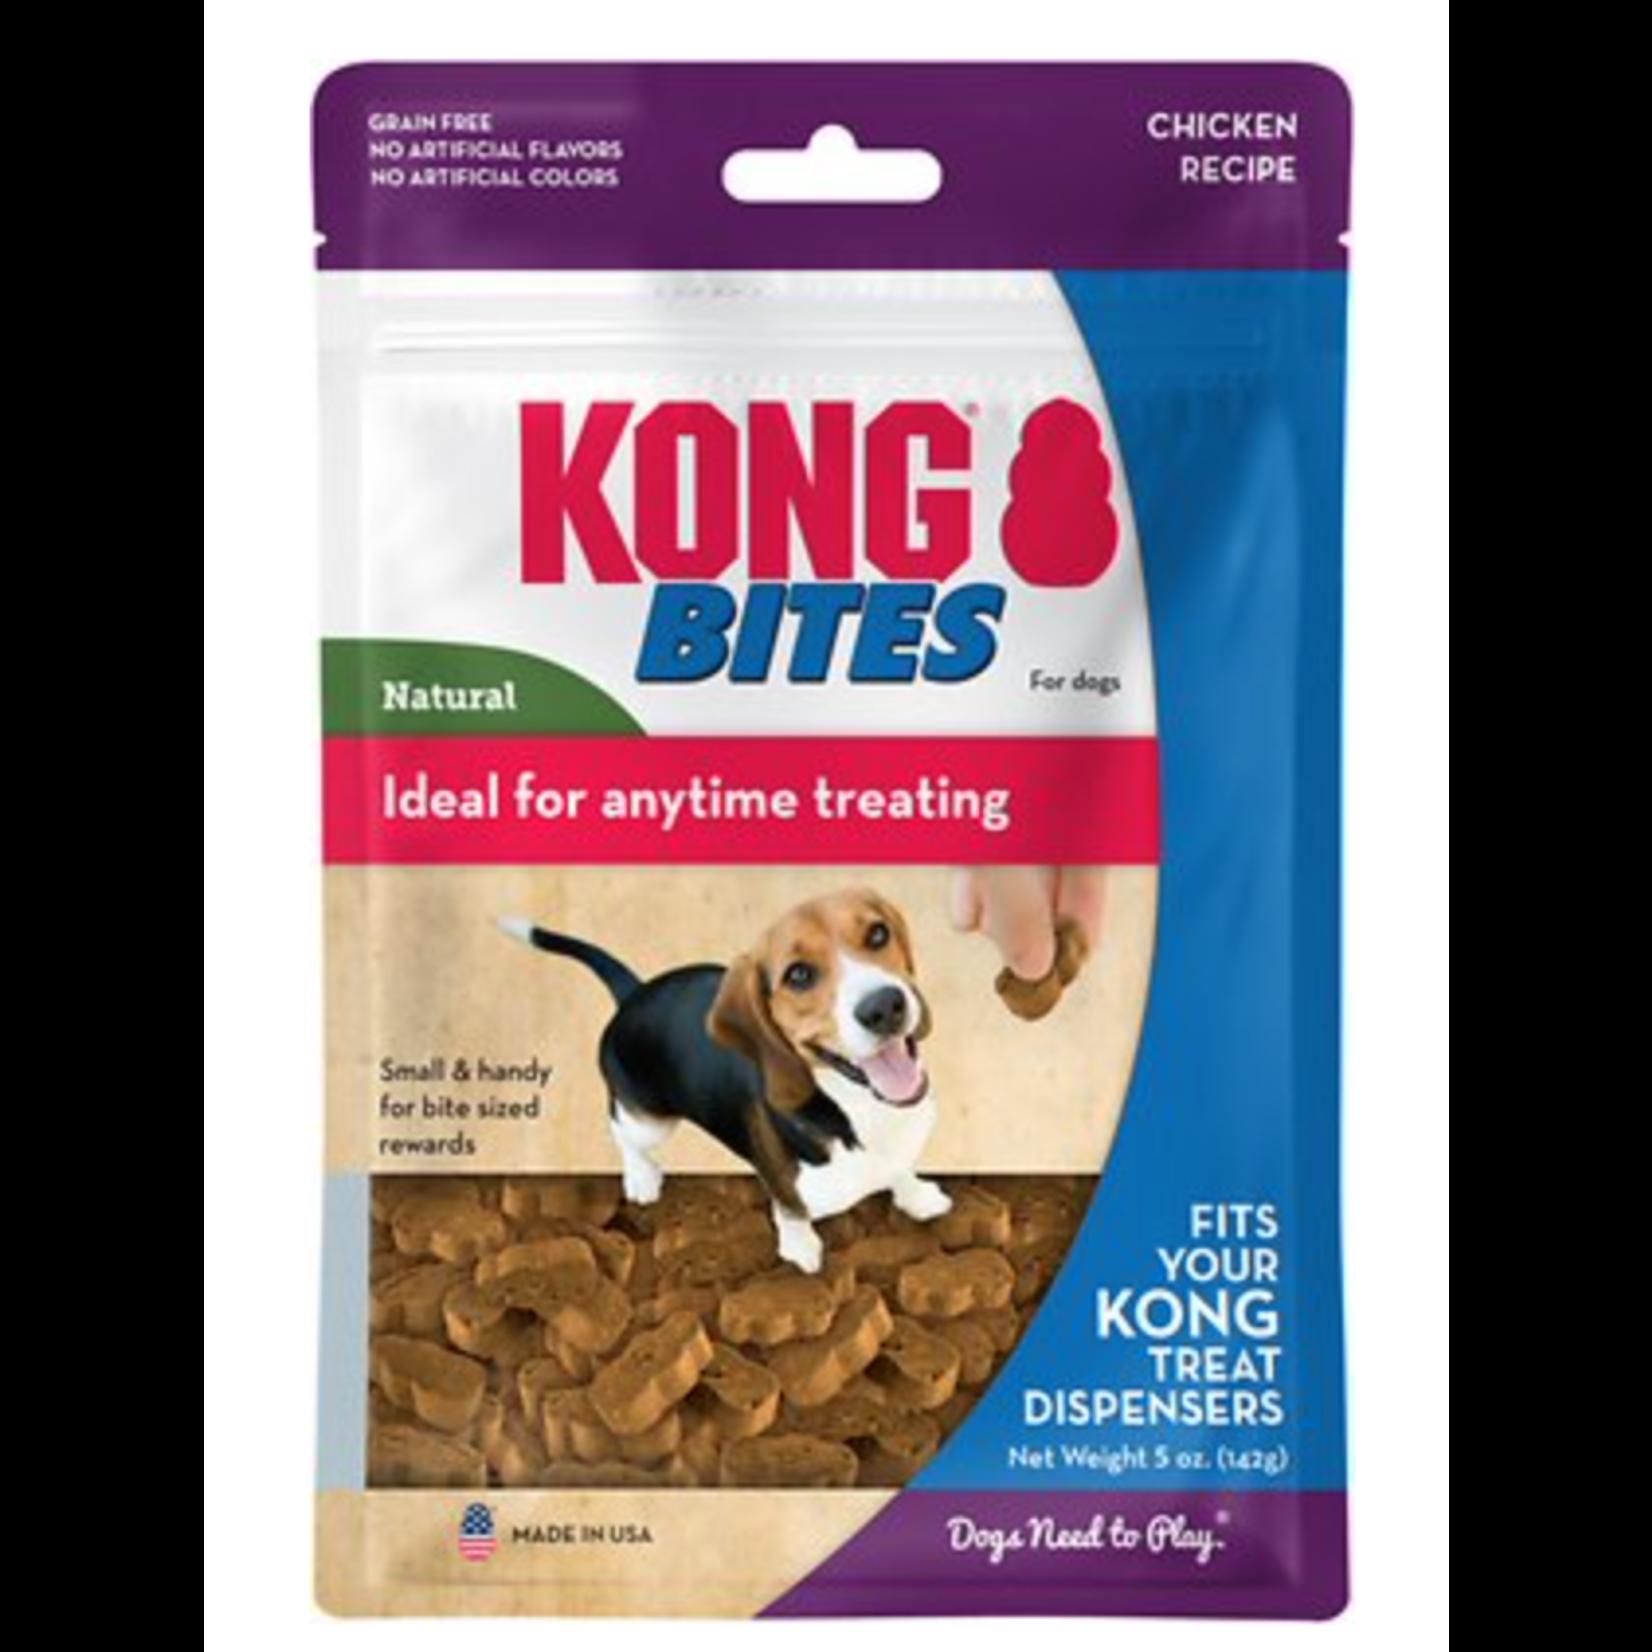 Kong Kong Bites Natural Small Sized Dog Treats 5 oz